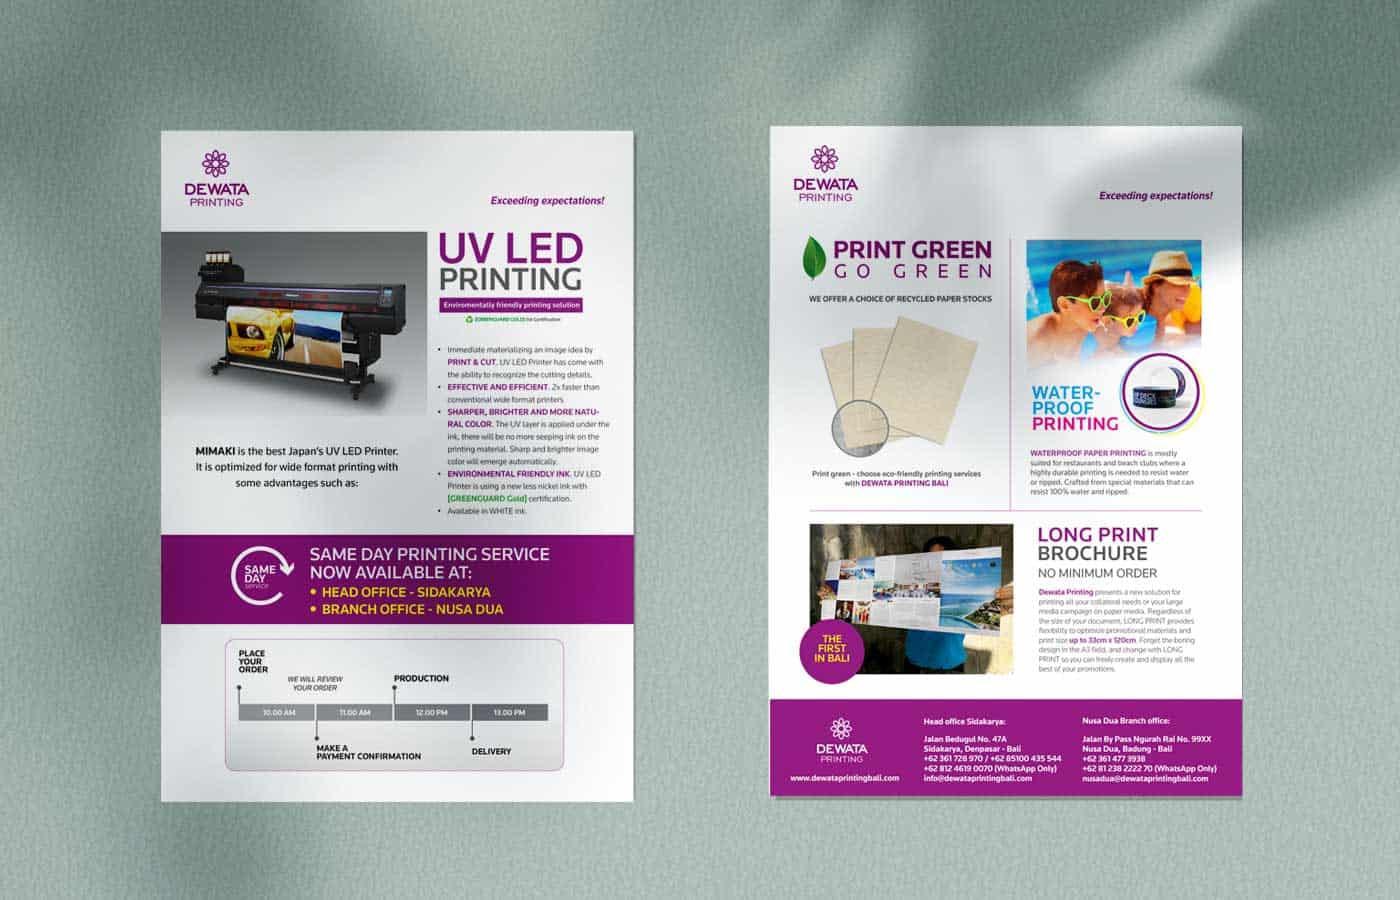 flyer dewata printing